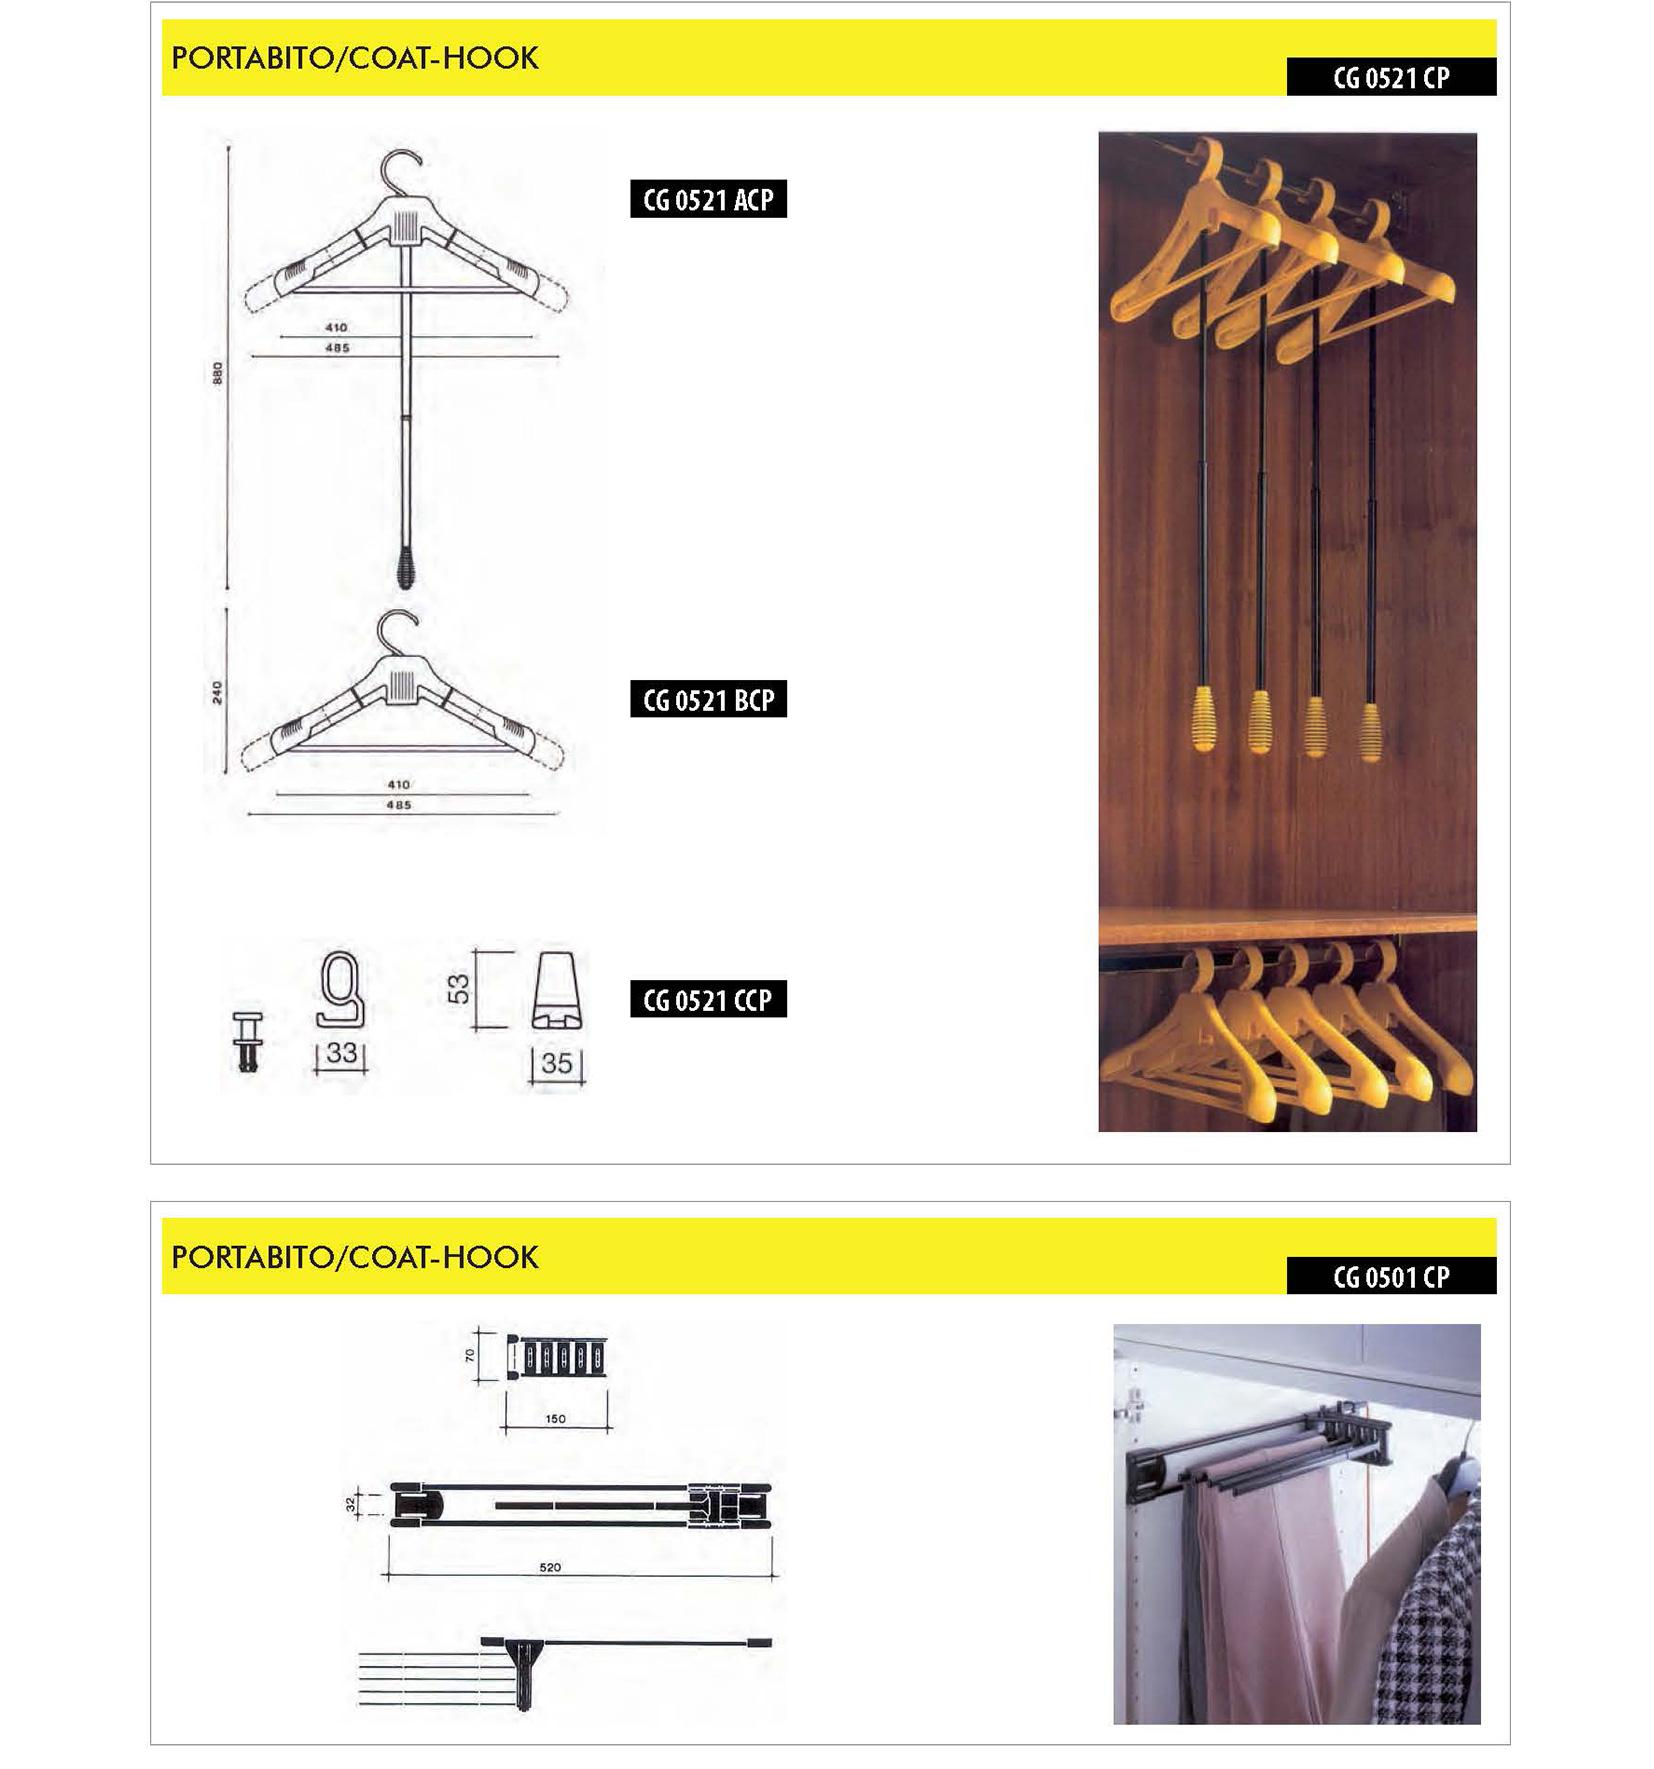 https://www.cgferramenta.it/wp-content/uploads/2020/11/Pagine-da-CG-ferramenta_accessori-per-mobili2.ipg_.jpg